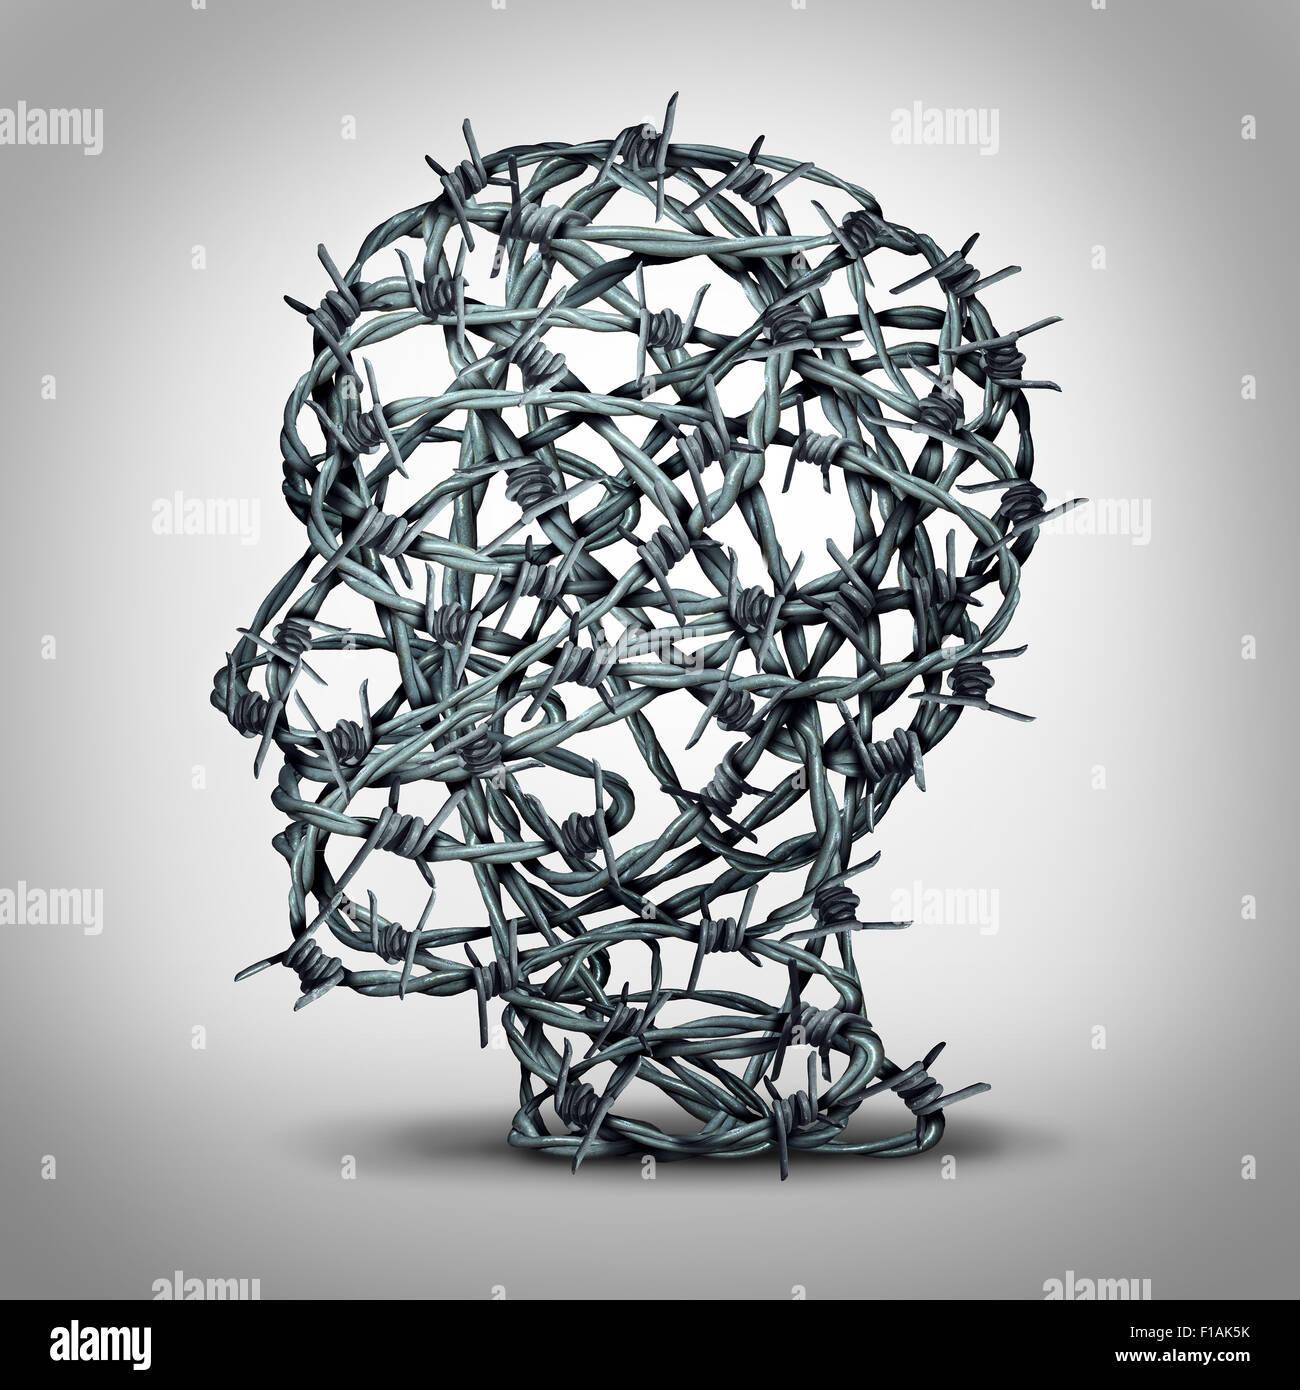 Gefoltert denken und Depressionen Konzept als eine Gruppe von Wirren Barbwire oder Stacheldraht Zaun Form eines Stockbild